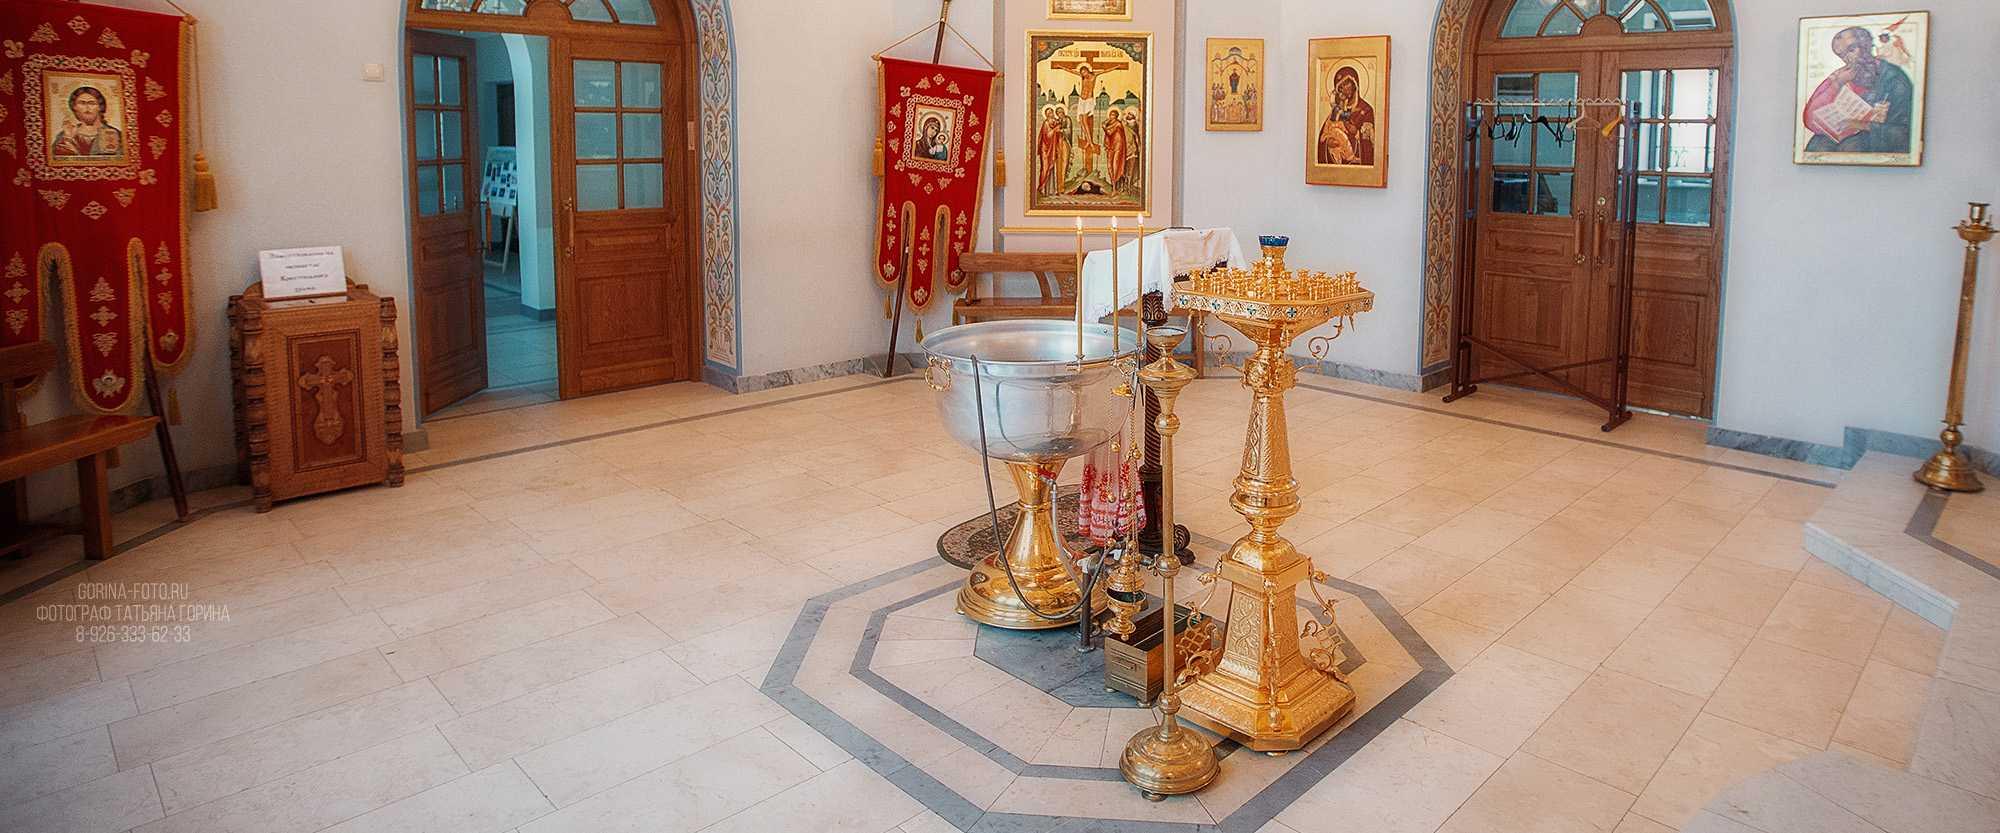 Фотосессия таинства крещения. Фотограф Татьяна Горина.